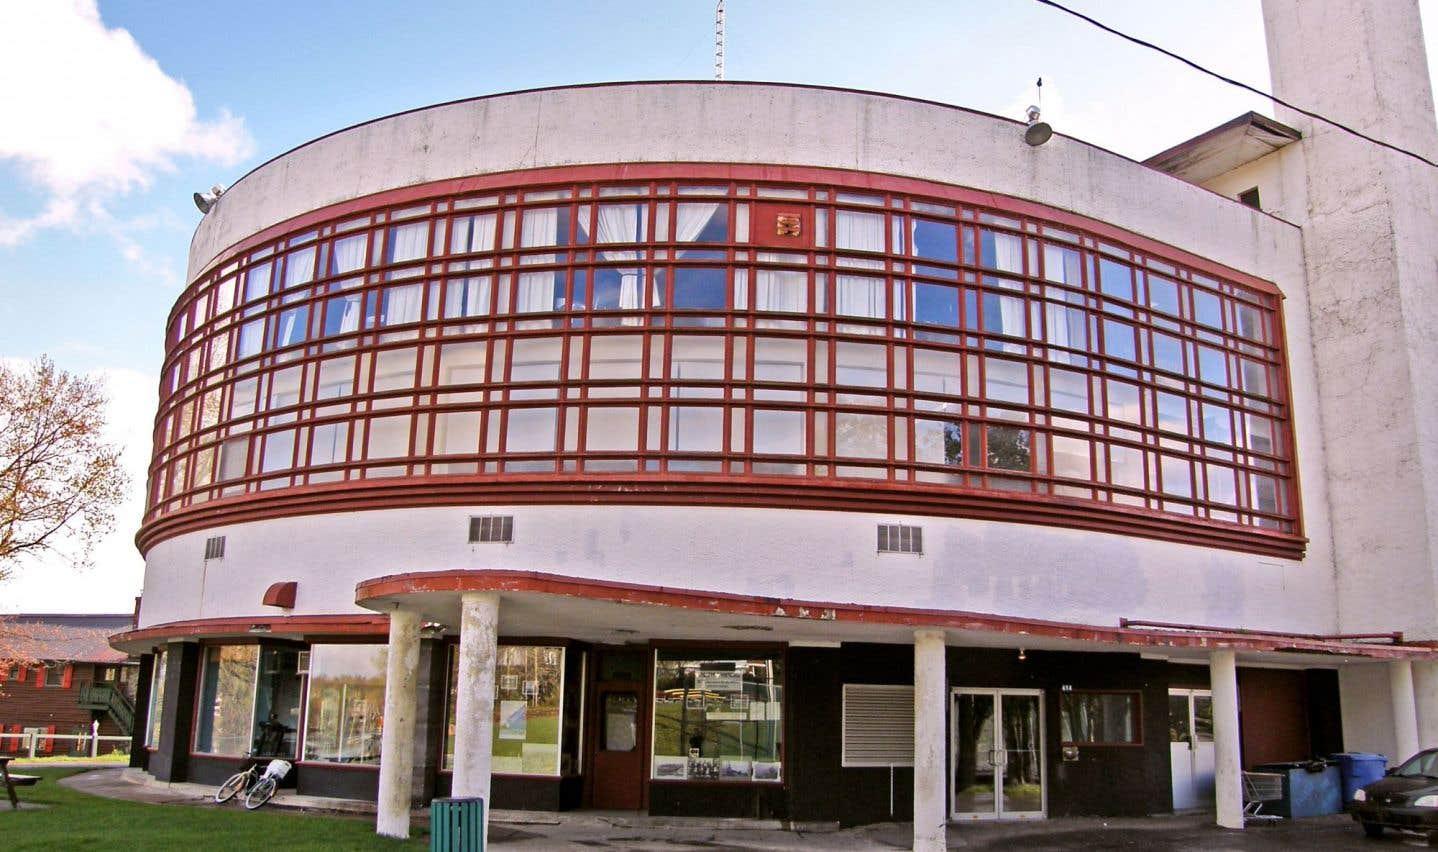 L'édifice art déco du domaine de l'Estérel, conçu dans les années 1930 par le Belge Antoine Courtens, est l'un des rares vestiges de l'architecture québécoise moderne.